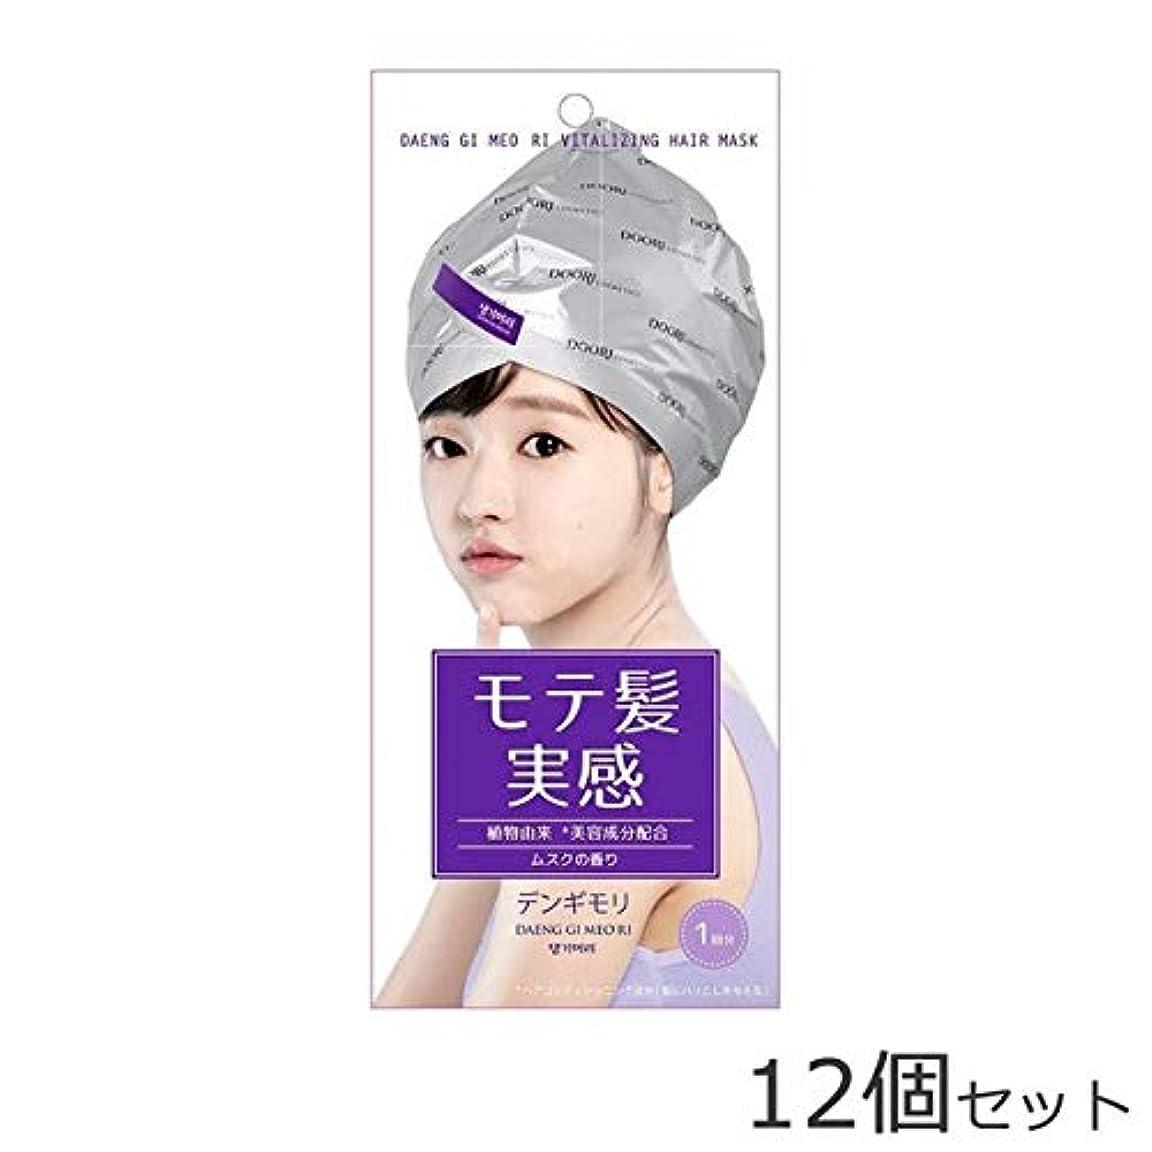 解釈するスキャンダラスアッティカスデンギモリ 珍気 集中ヘアマスク(洗い流すヘアトリートメント) 12個セット (マスクで簡単にサロンケア)